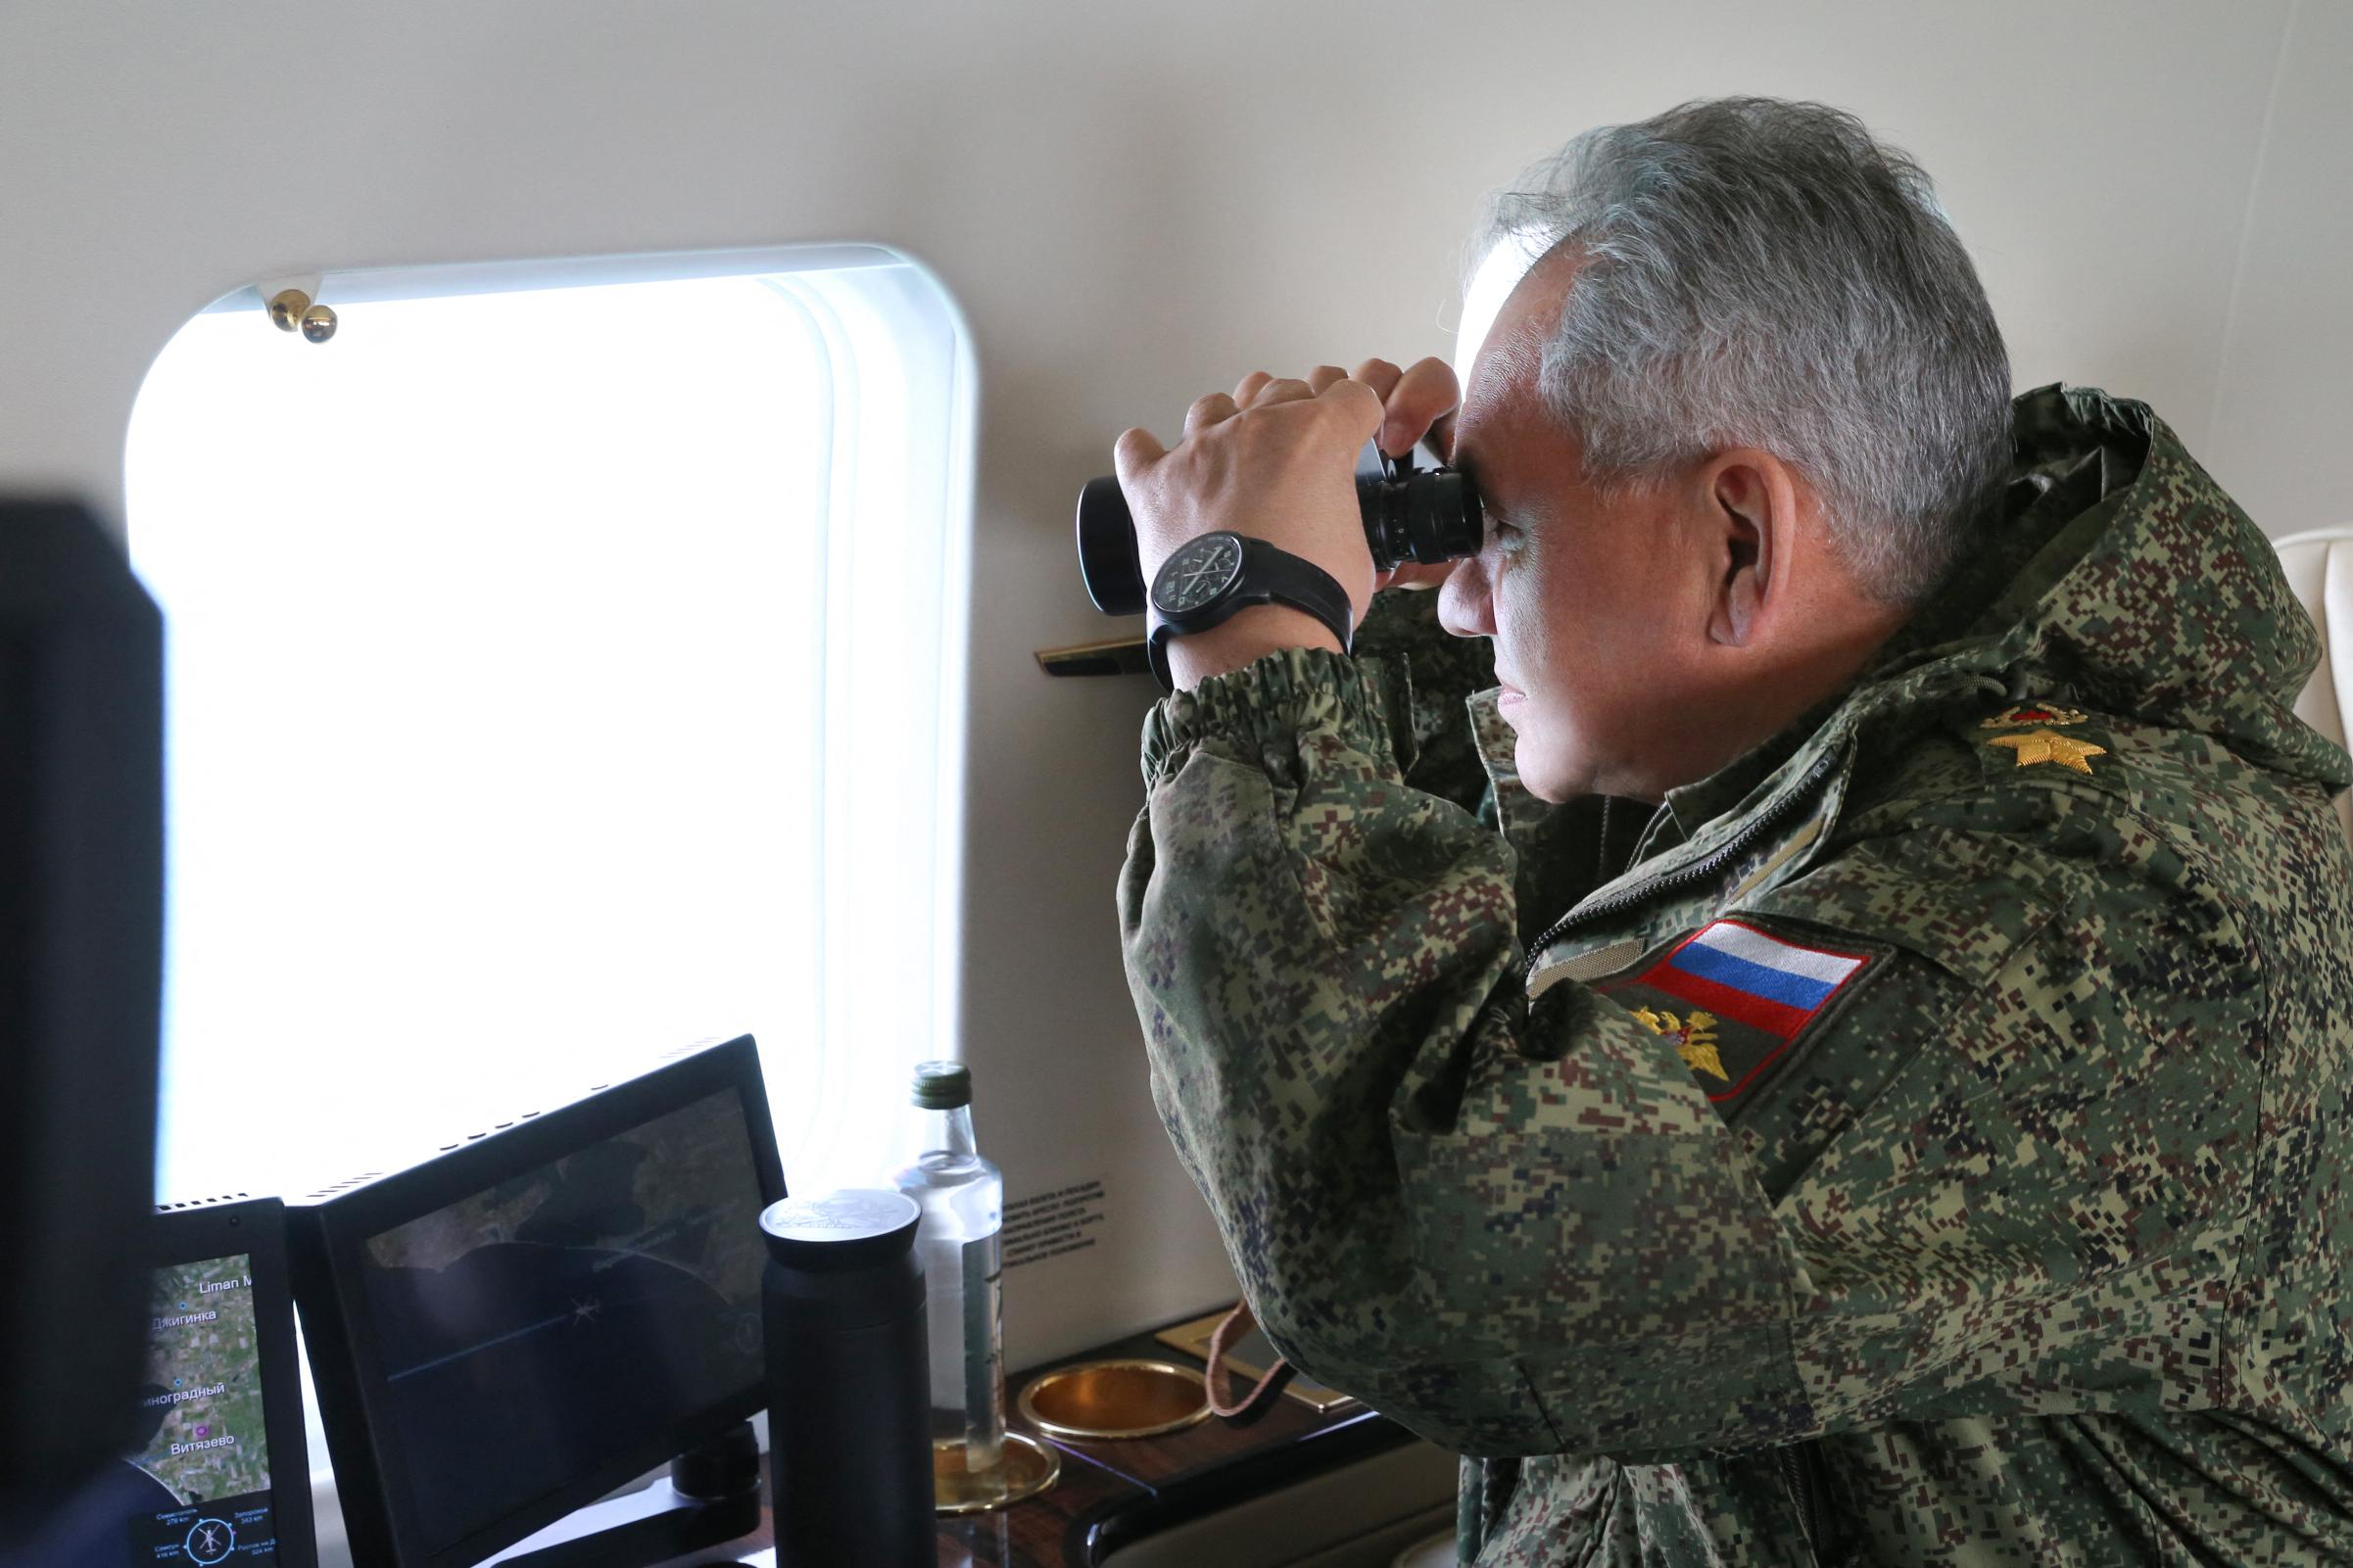 """Luptători ai ISIS """"pătrund în mod activ"""" în Afganistan, după retragerea americanilor, susține ministrul rus al apărării"""